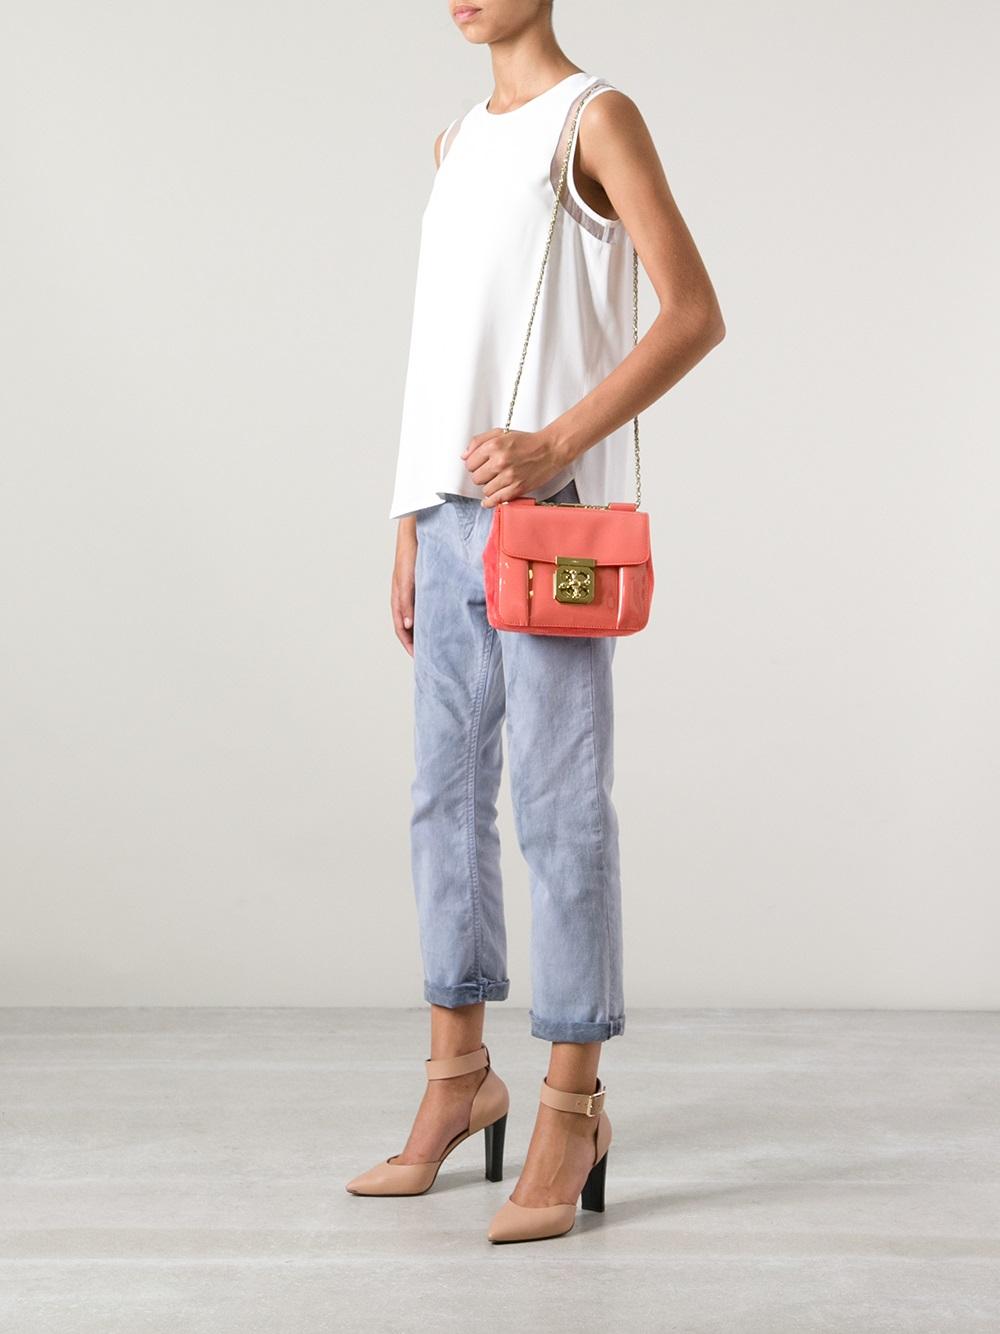 Chlo¨¦ Small \u0026#39;Elsie\u0026#39; Shoulder Bag in Pink (pink \u0026amp; purple) | Lyst